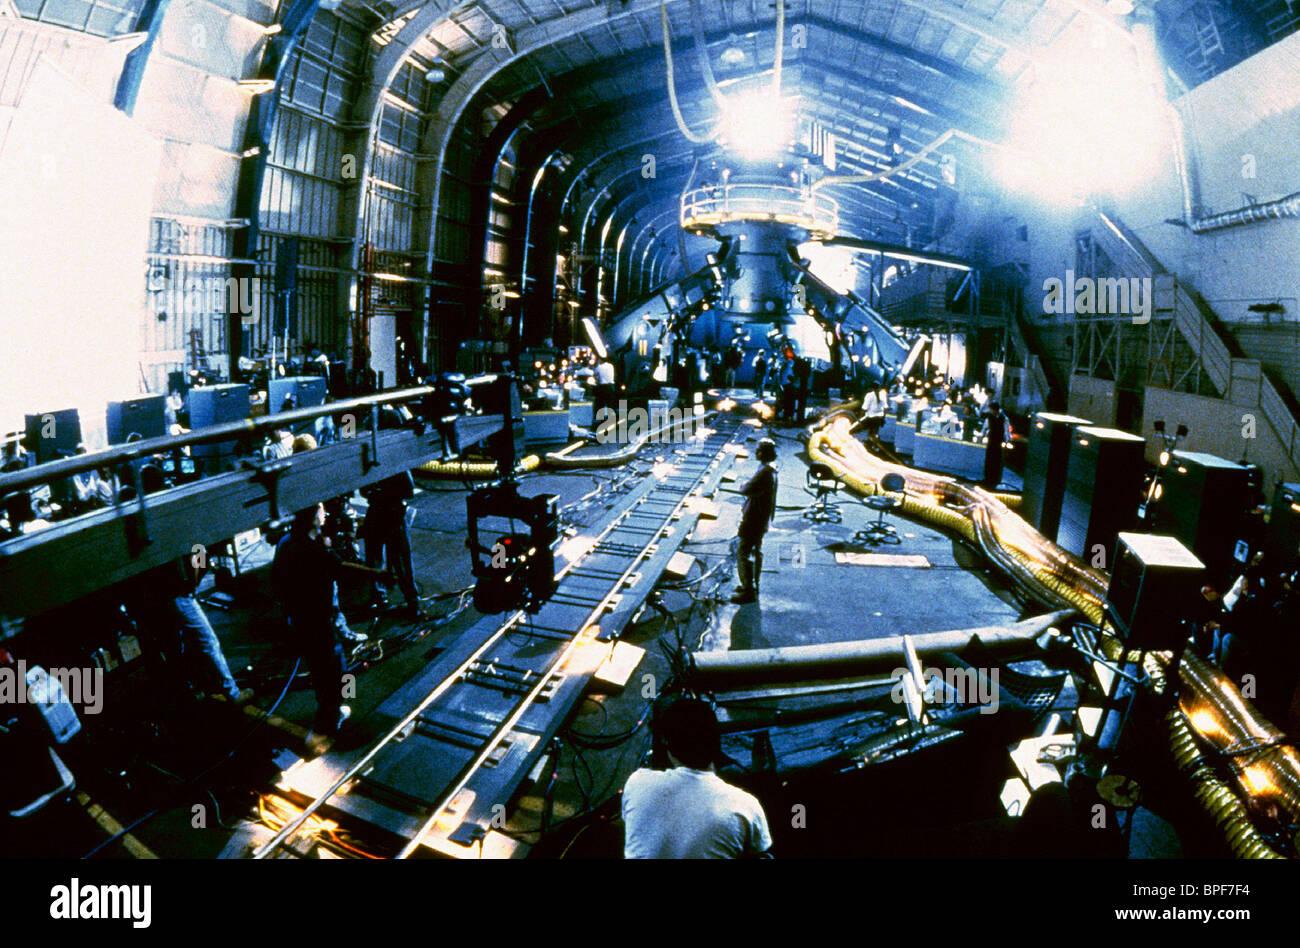 FILM SET VIRTUOSITY (1995) - Stock Image